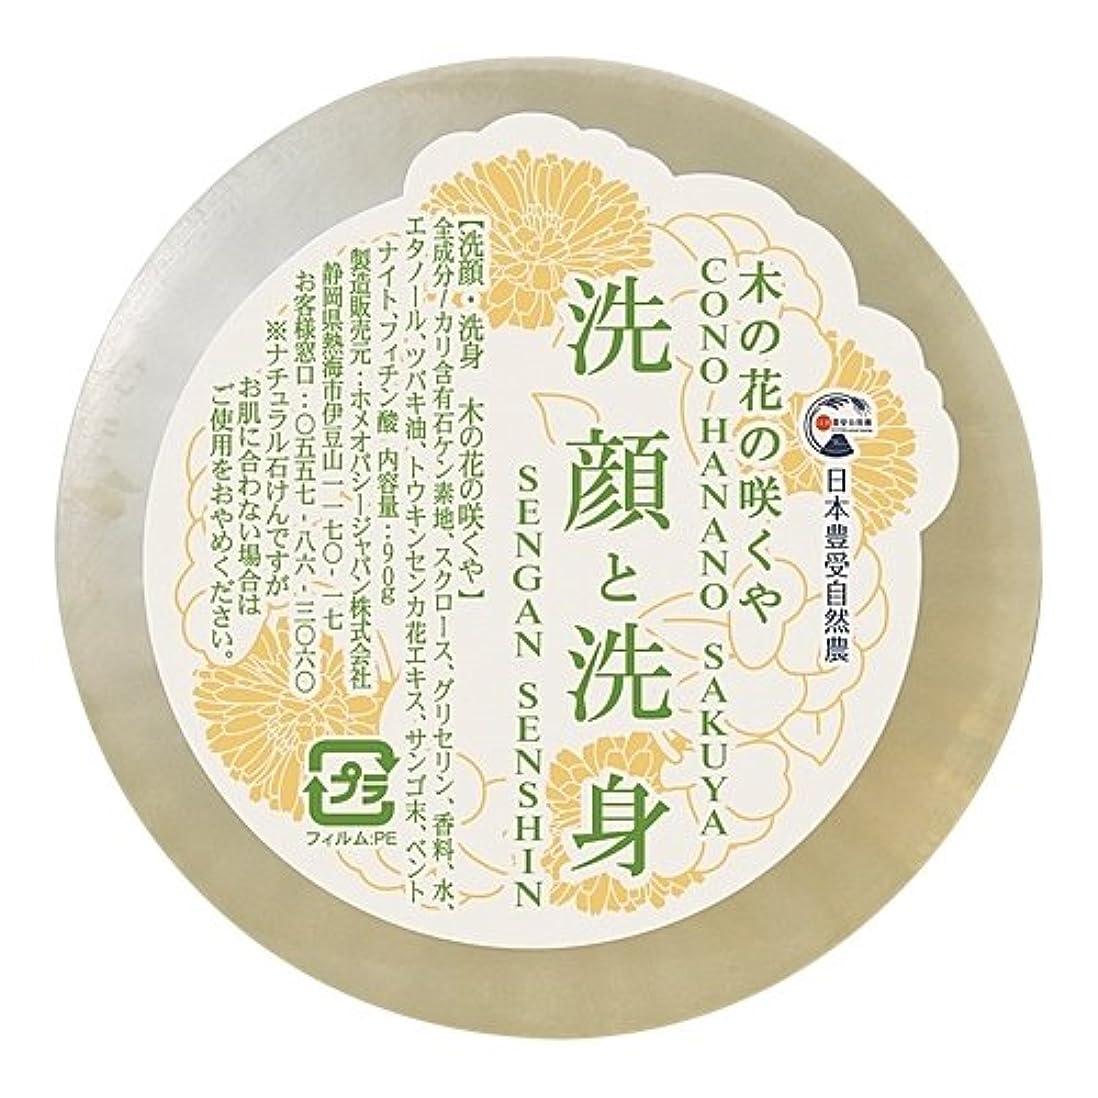 実験砂漠乳製品日本豊受自然農 木の花の咲くや 洗顔?洗身ソープ 90g